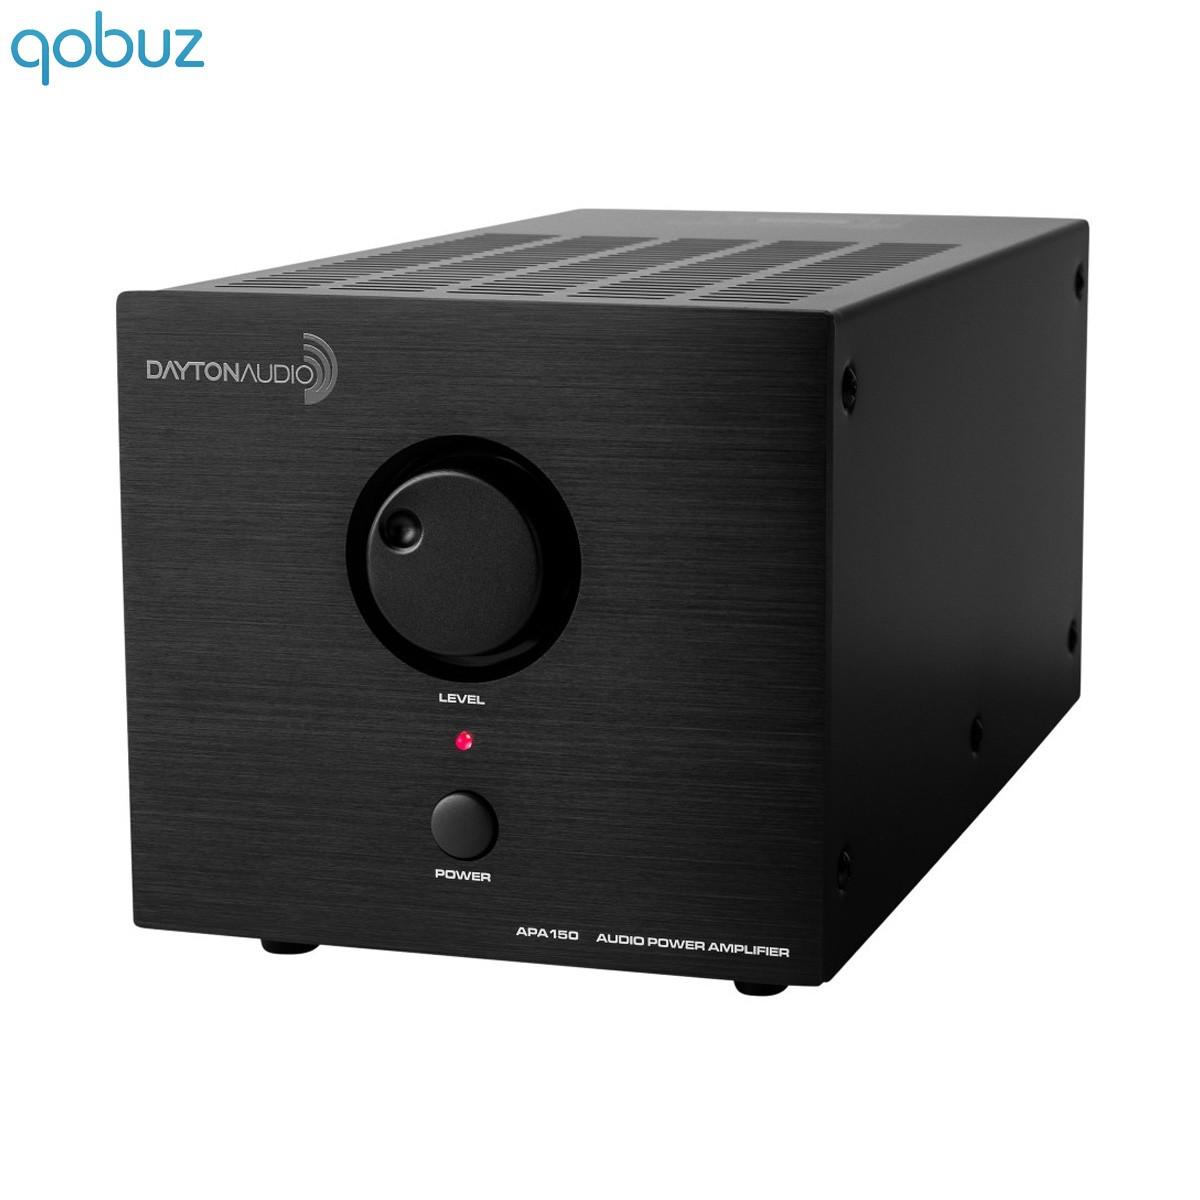 DAYTON AUDIO APA150 Class A/B Amplifier 2x75W 4 Ohm Black